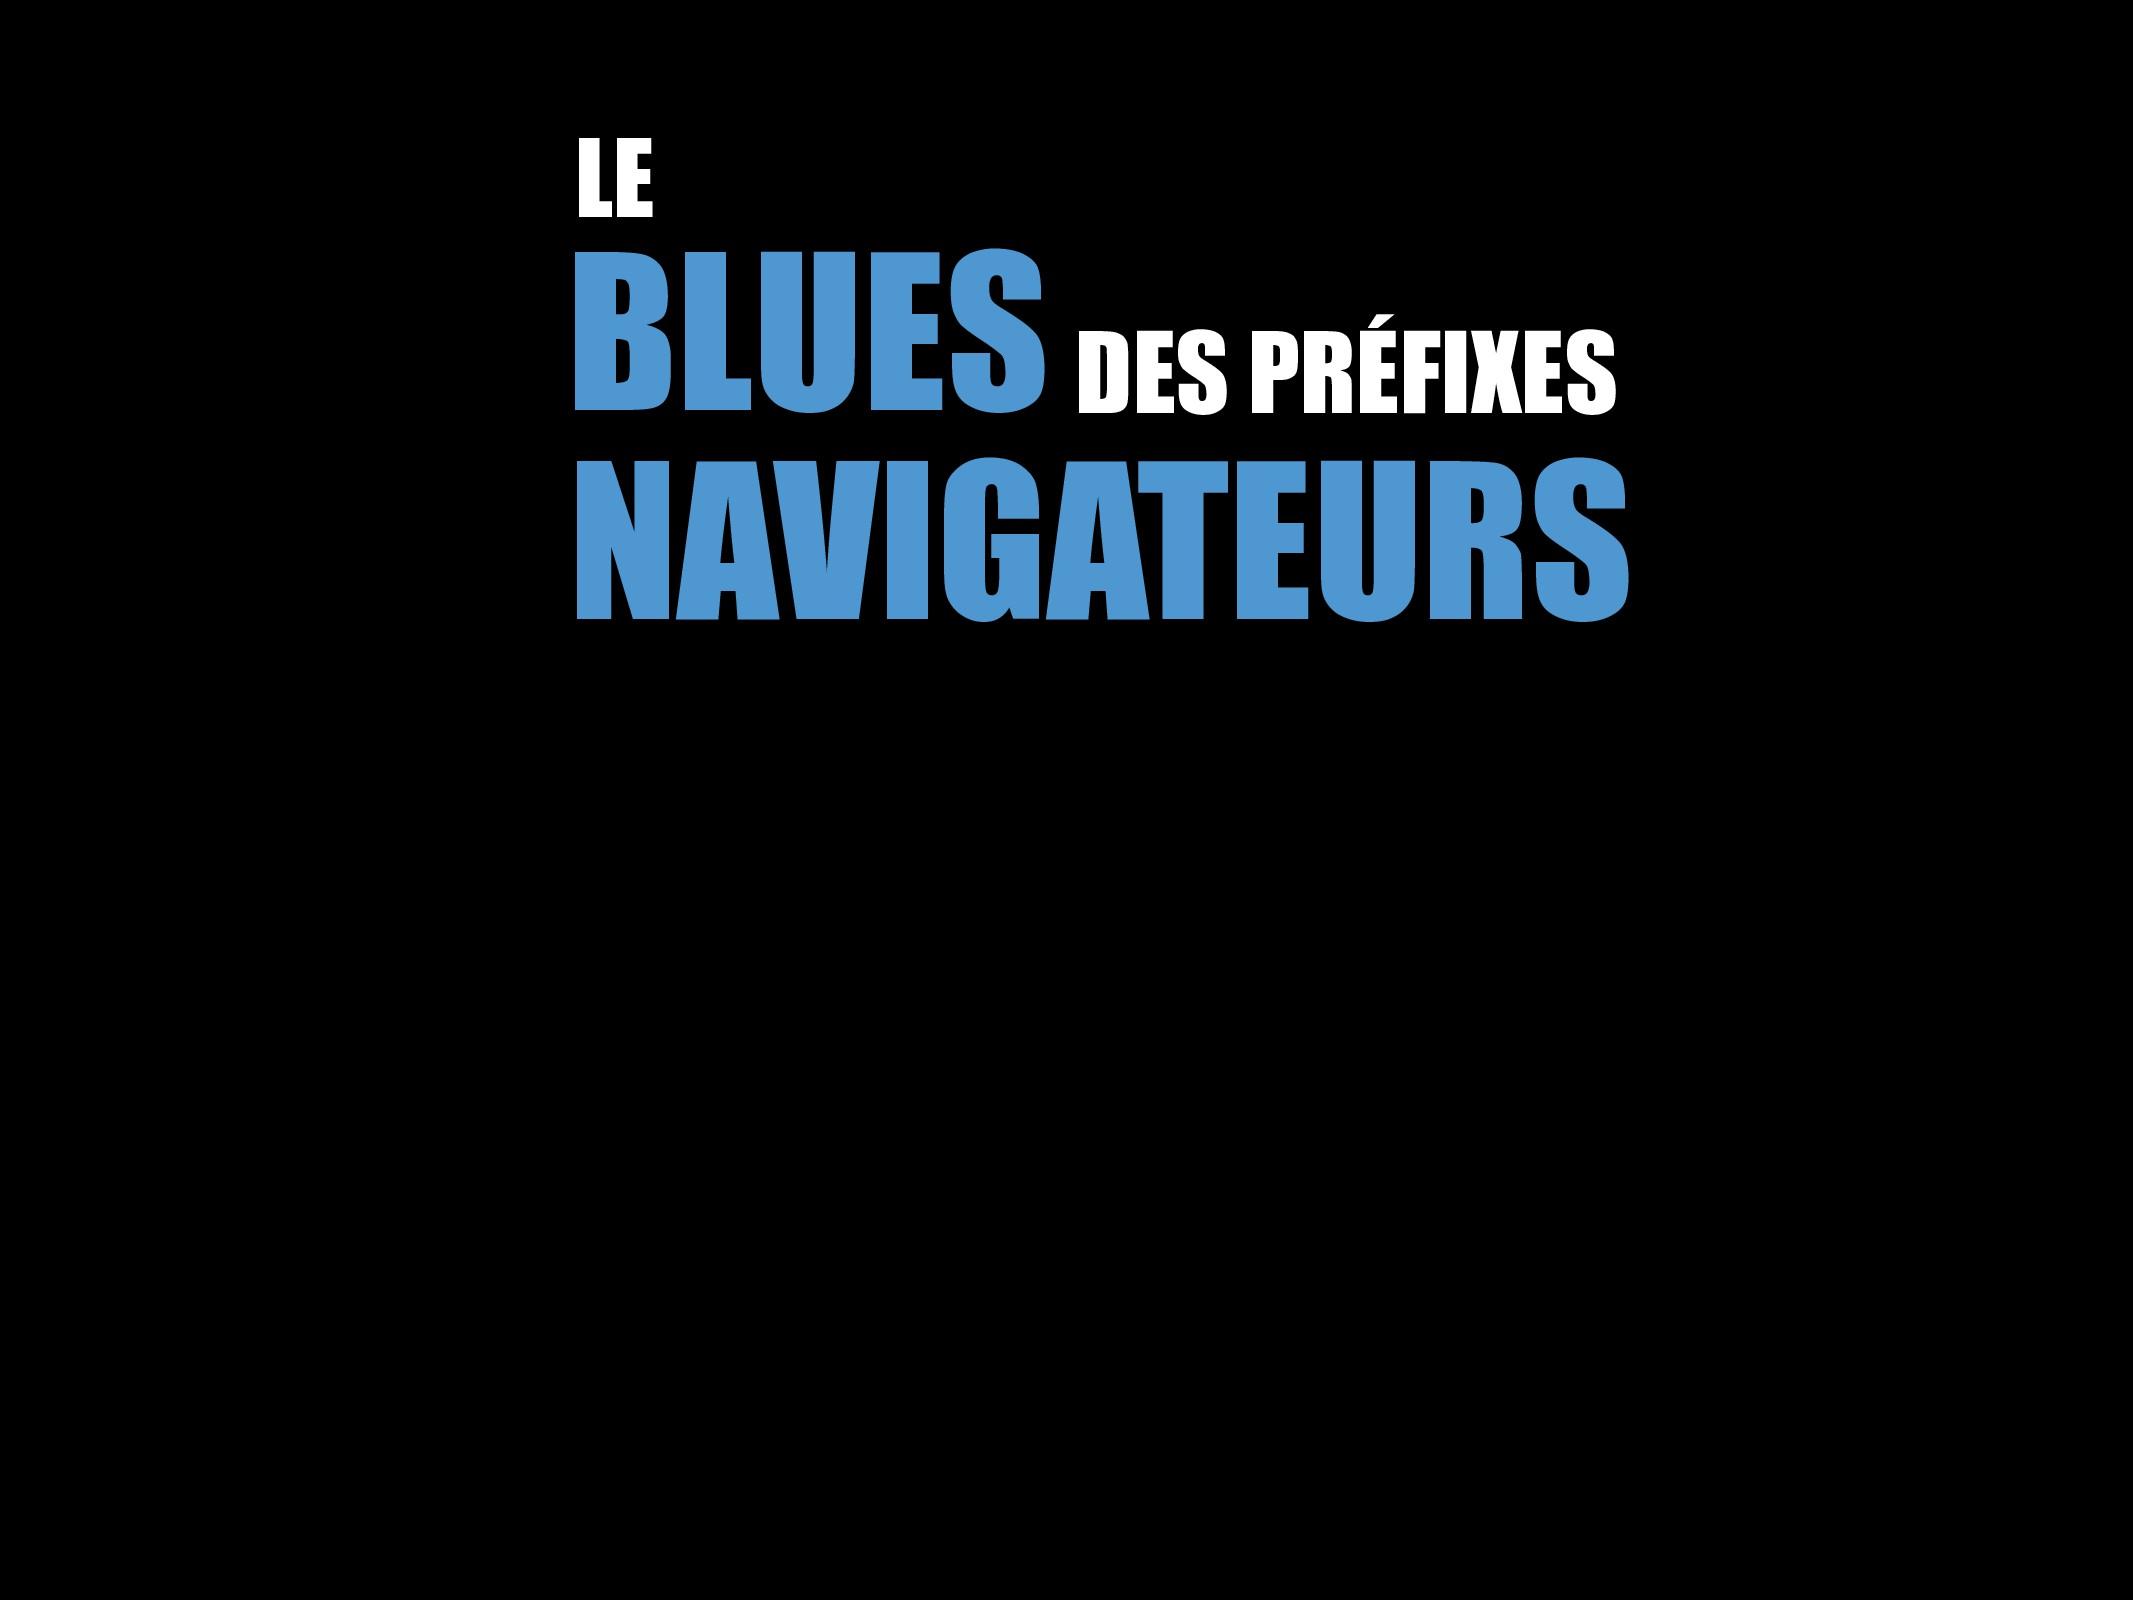 BLUES NAVIGATEURS DES PRÉFIXES LE